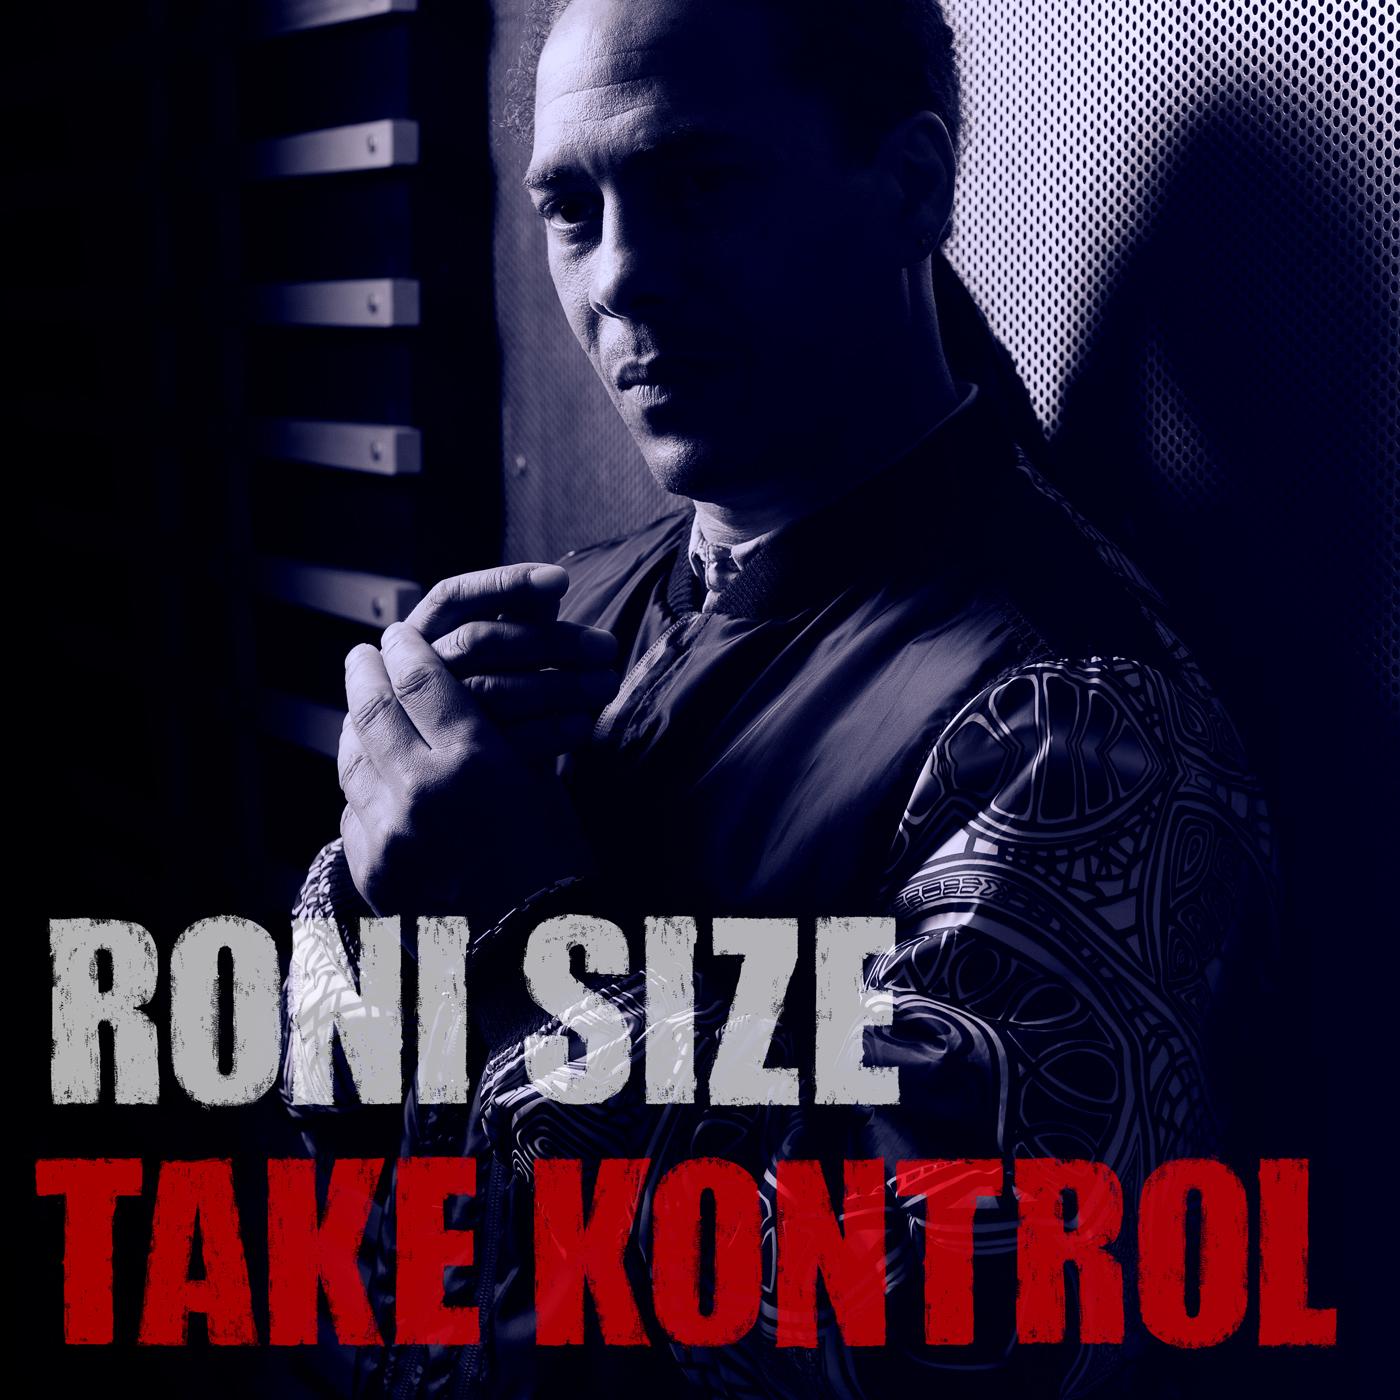 Take Kontrol CD - Roni Size